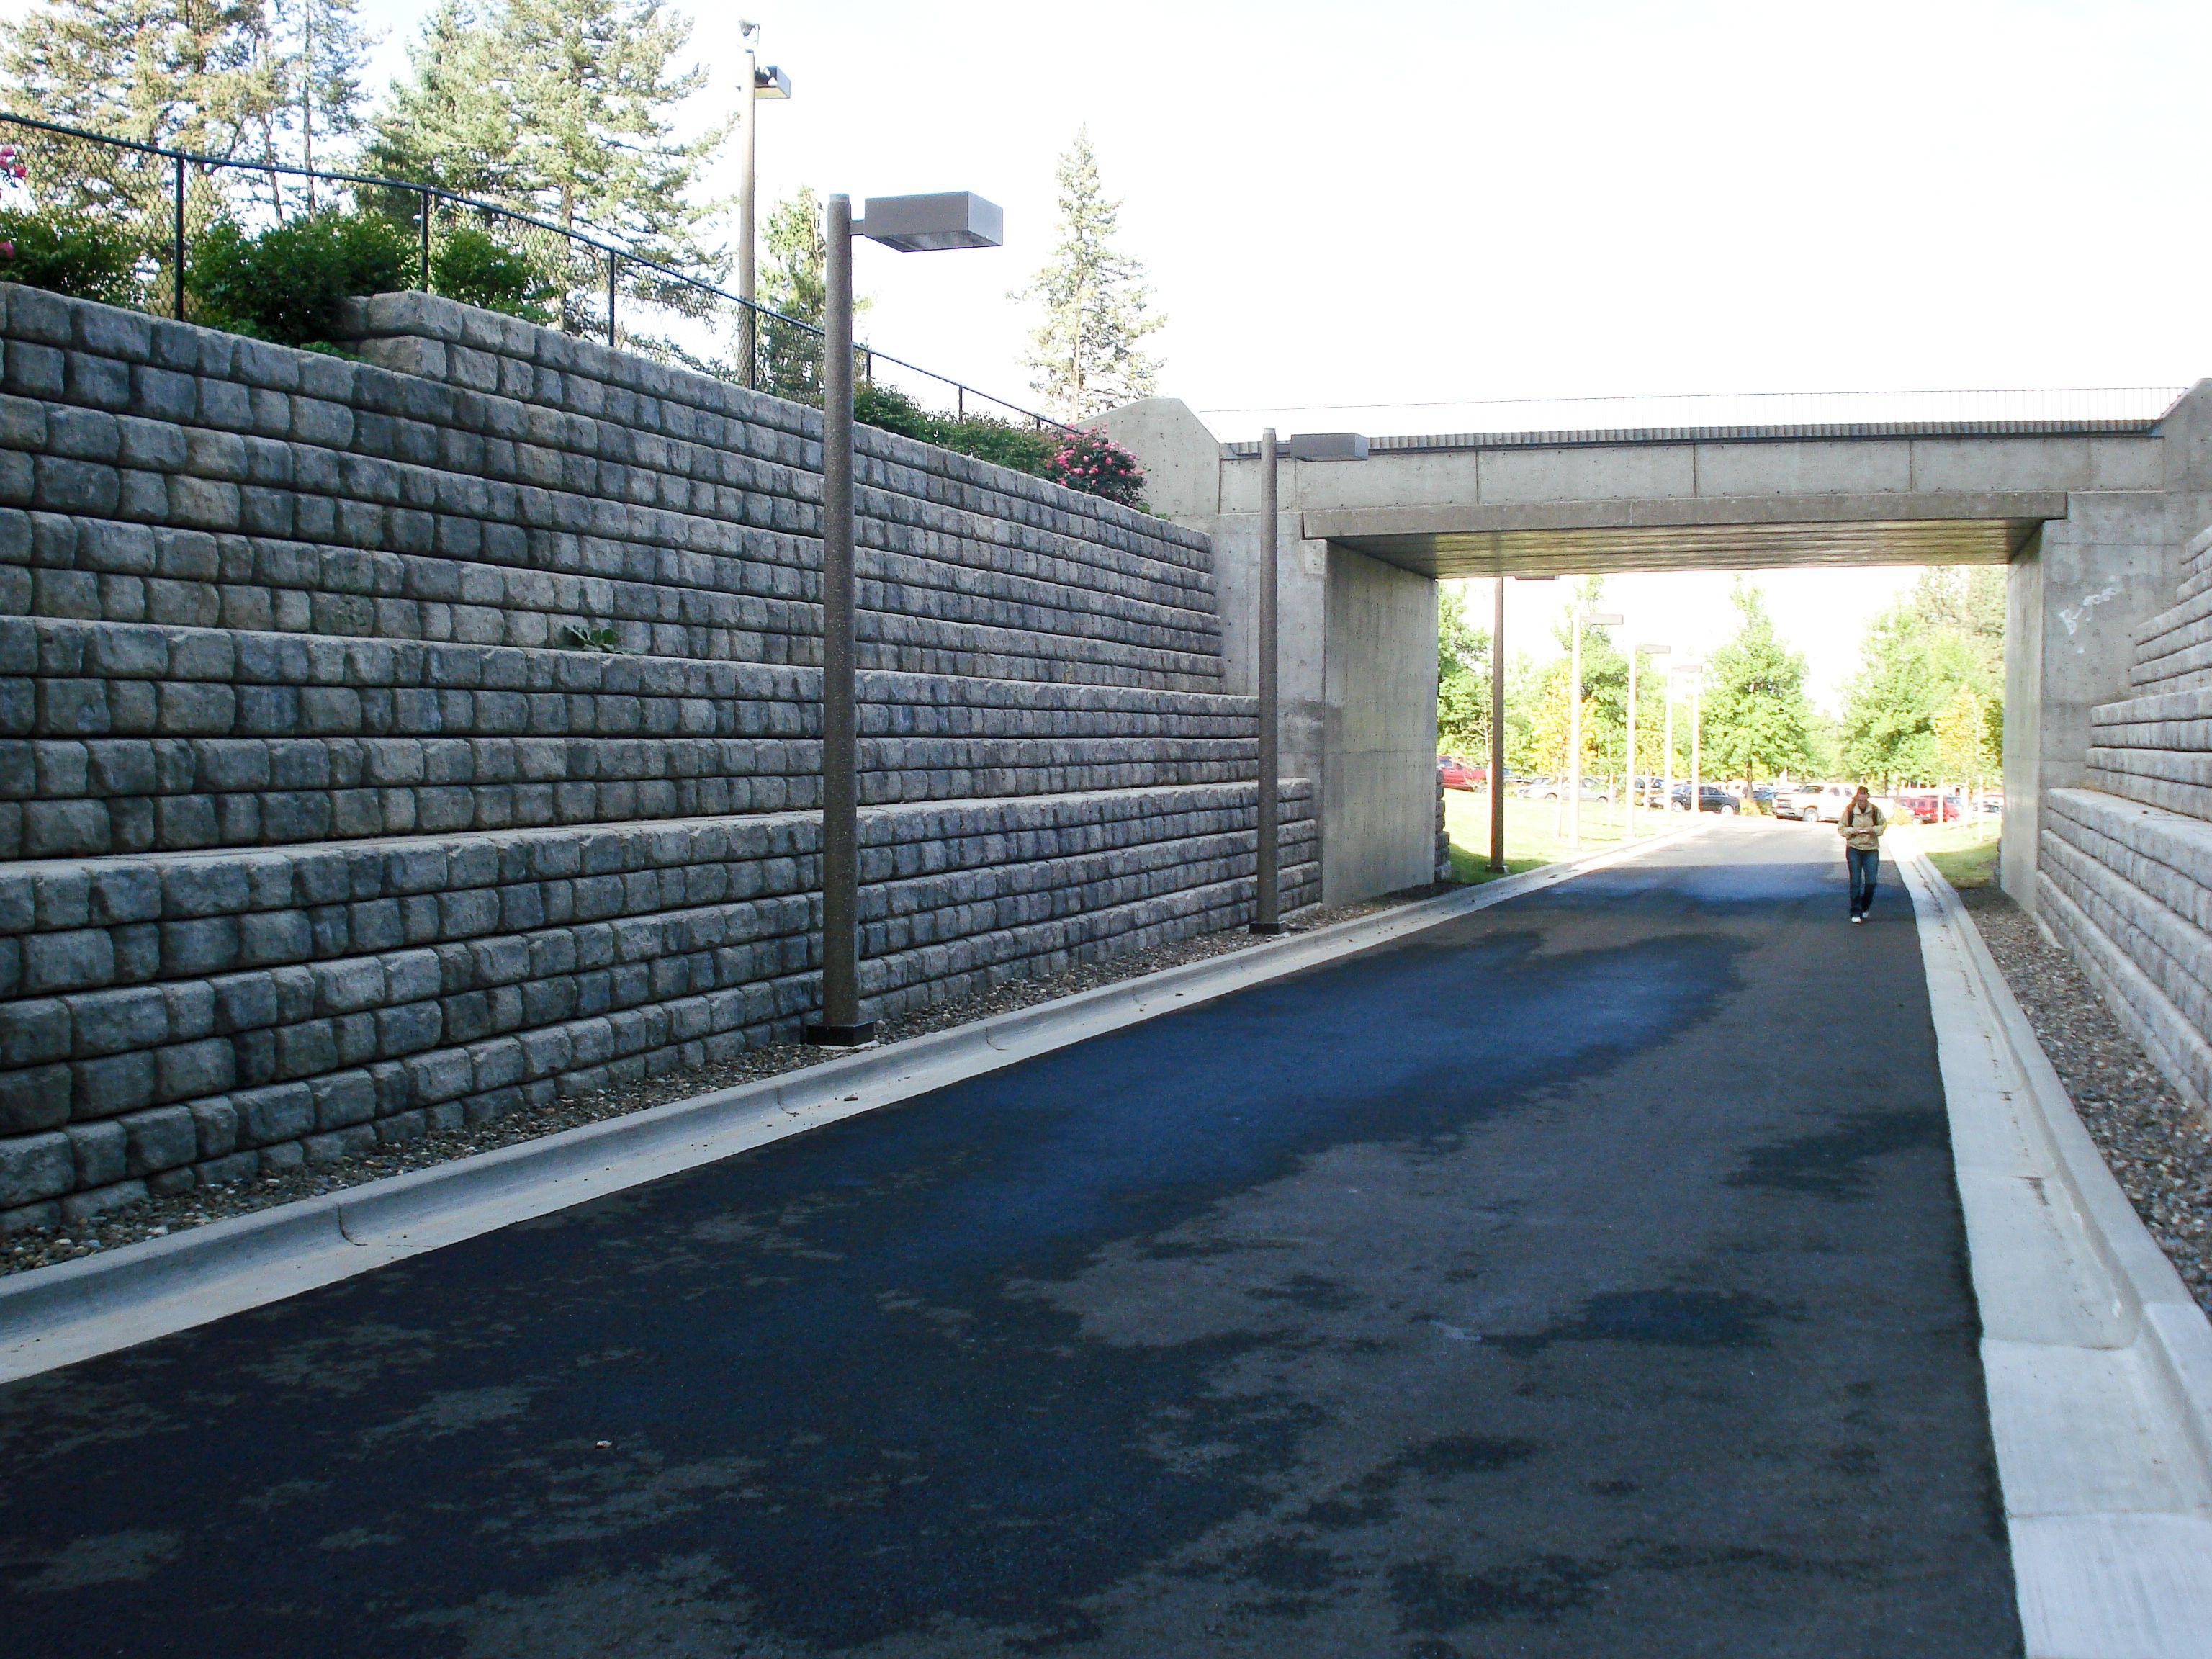 Student walks under overpass and between Cobblestone walls